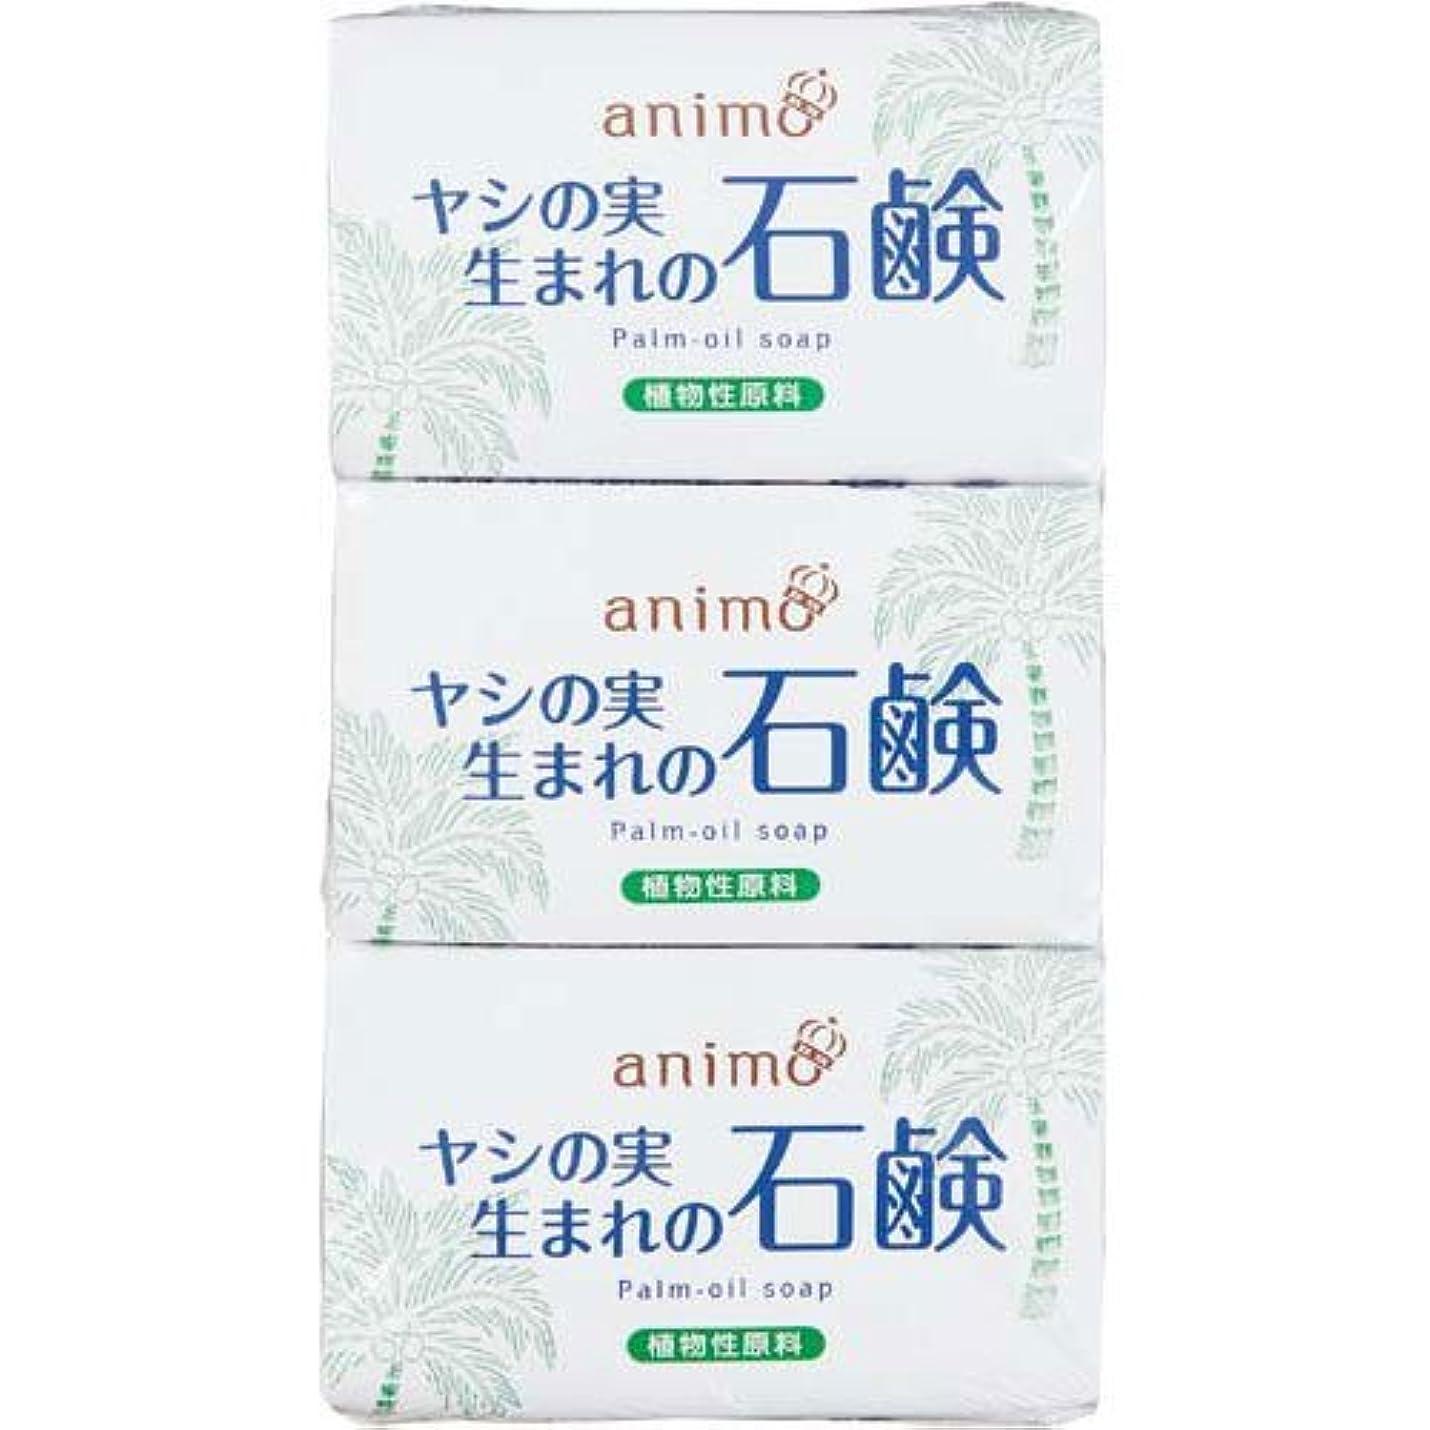 まだ不当豆腐ロケット石鹸 ヤシの実石鹸 80g×3個×10パック